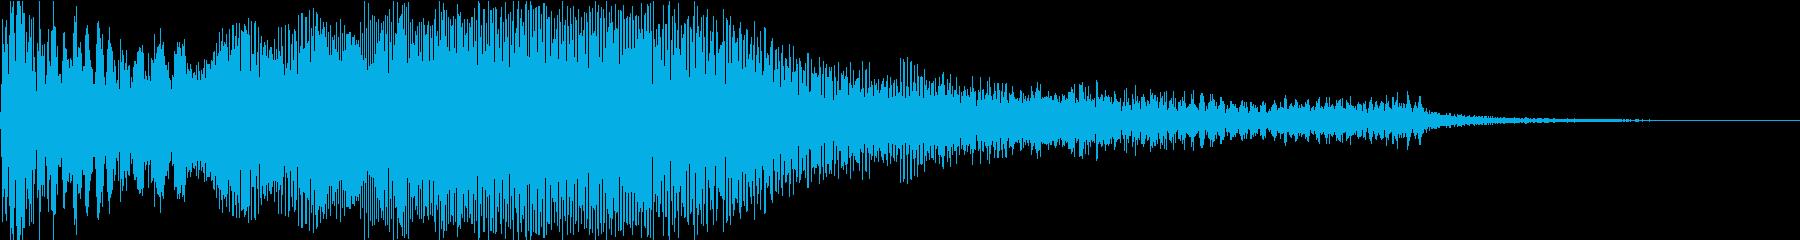 【映画演出】ドンッ!ブワーンッ・・・の再生済みの波形